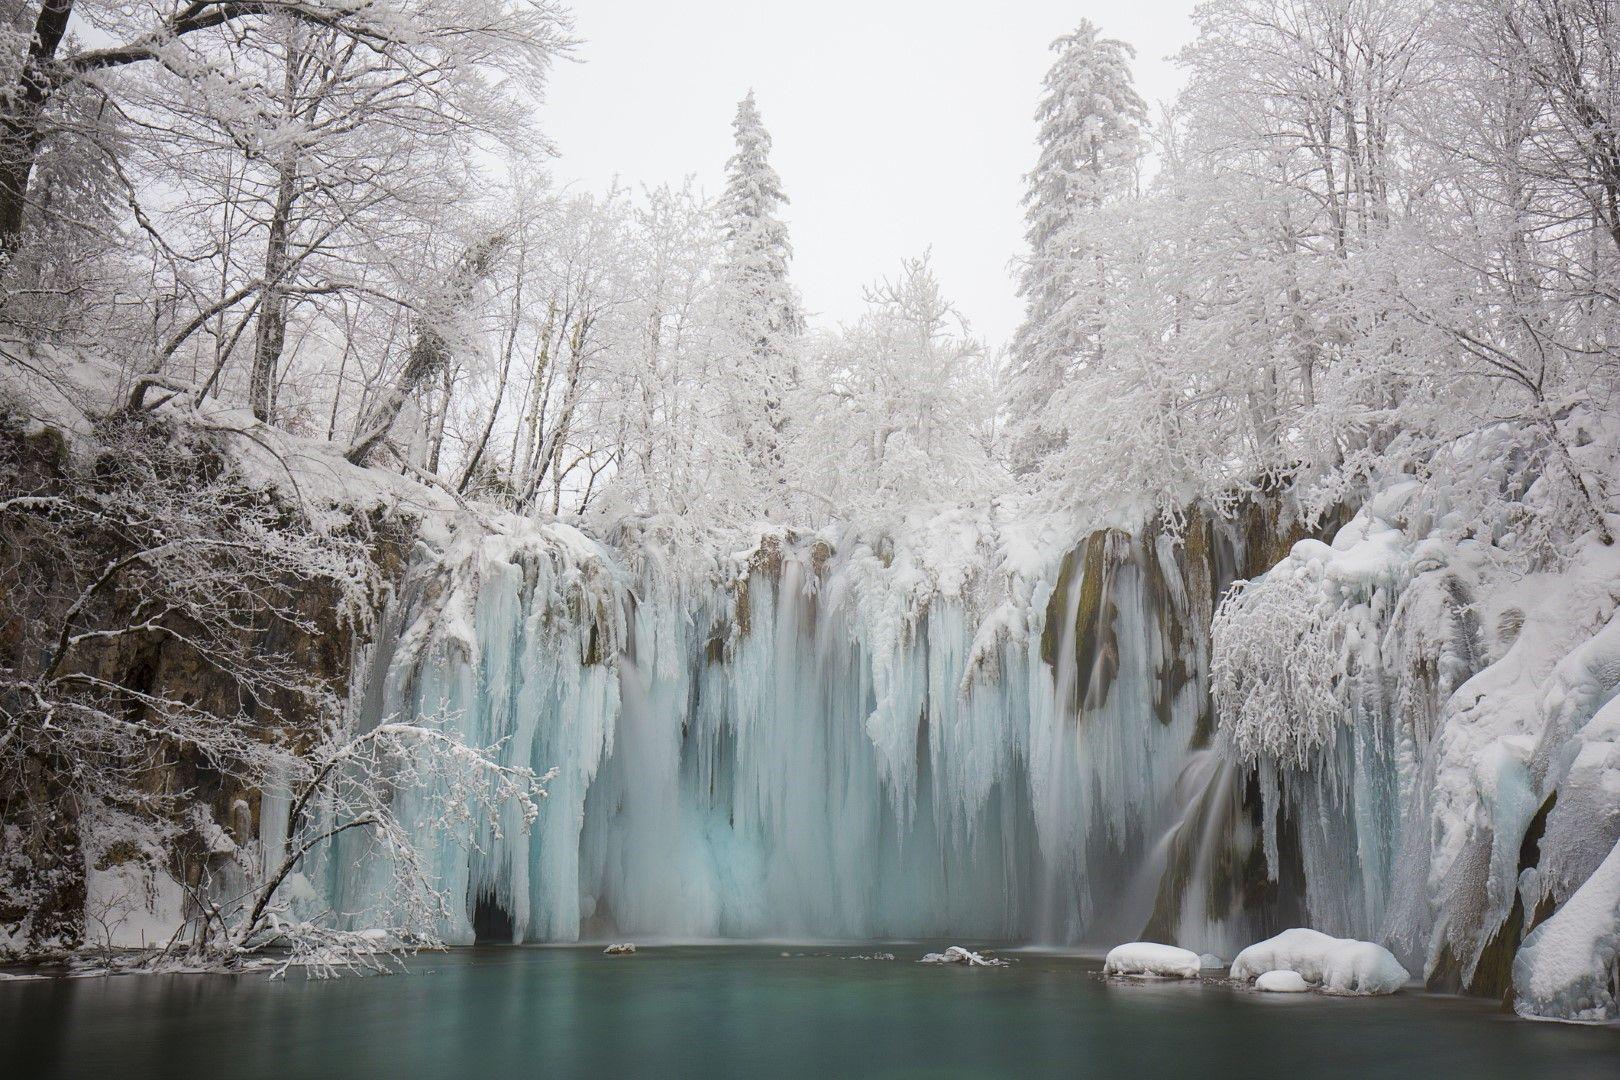 Замръзнал водопад през зимата на Плитвичките езера